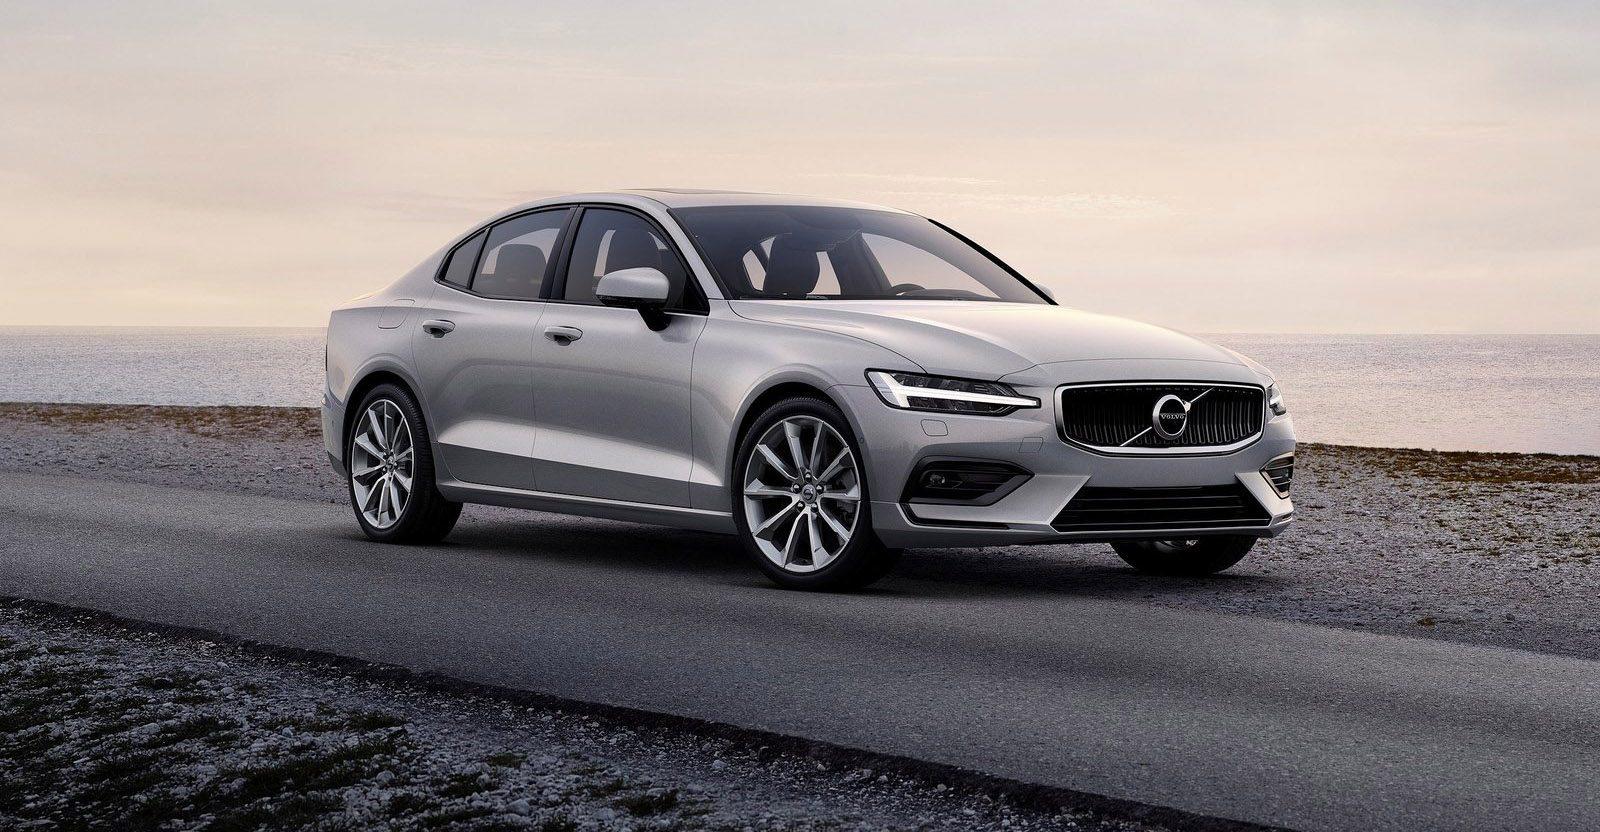 مواصفات سيارة فولفو اس 60 الجديدة 2019